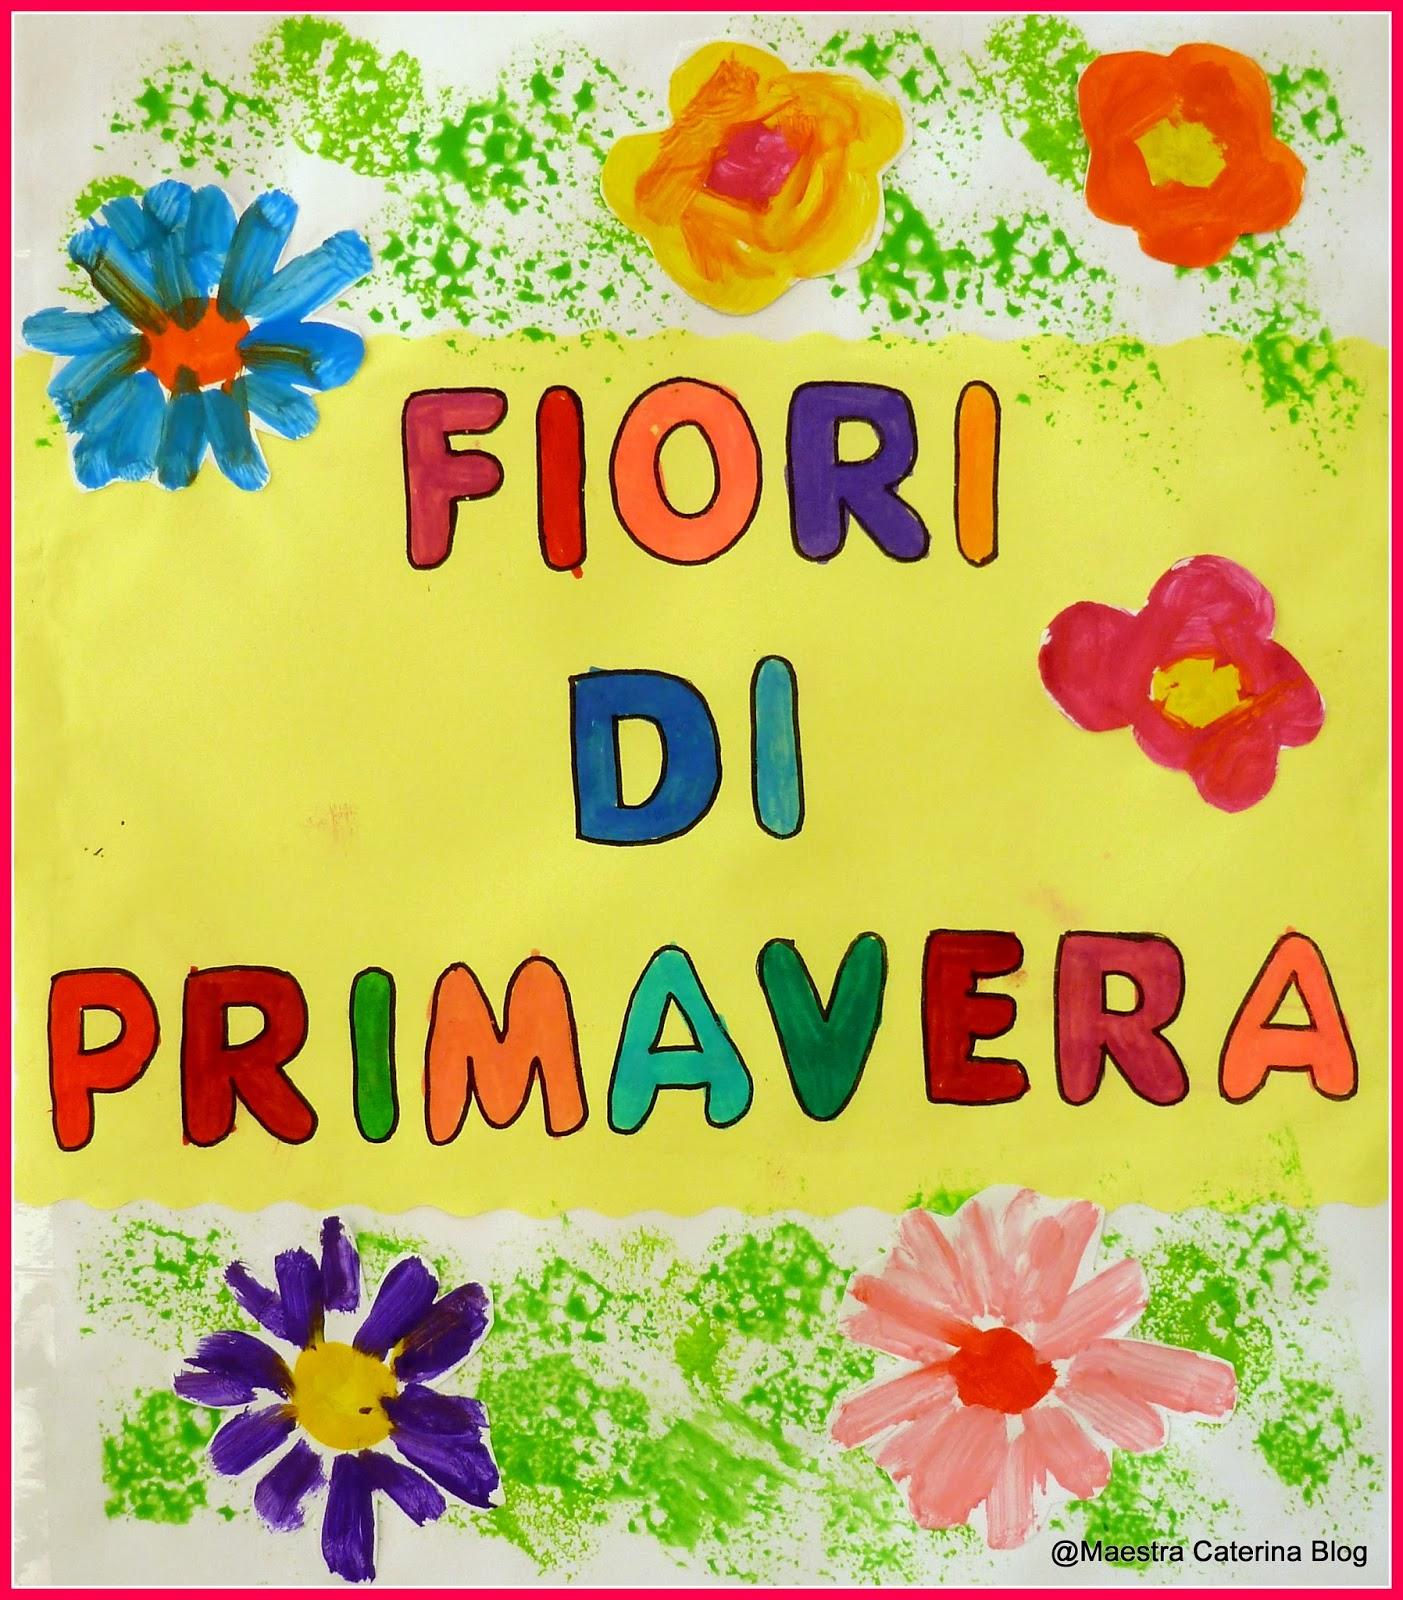 Maestra caterina lapbook fiori di primavera for Maestra renata